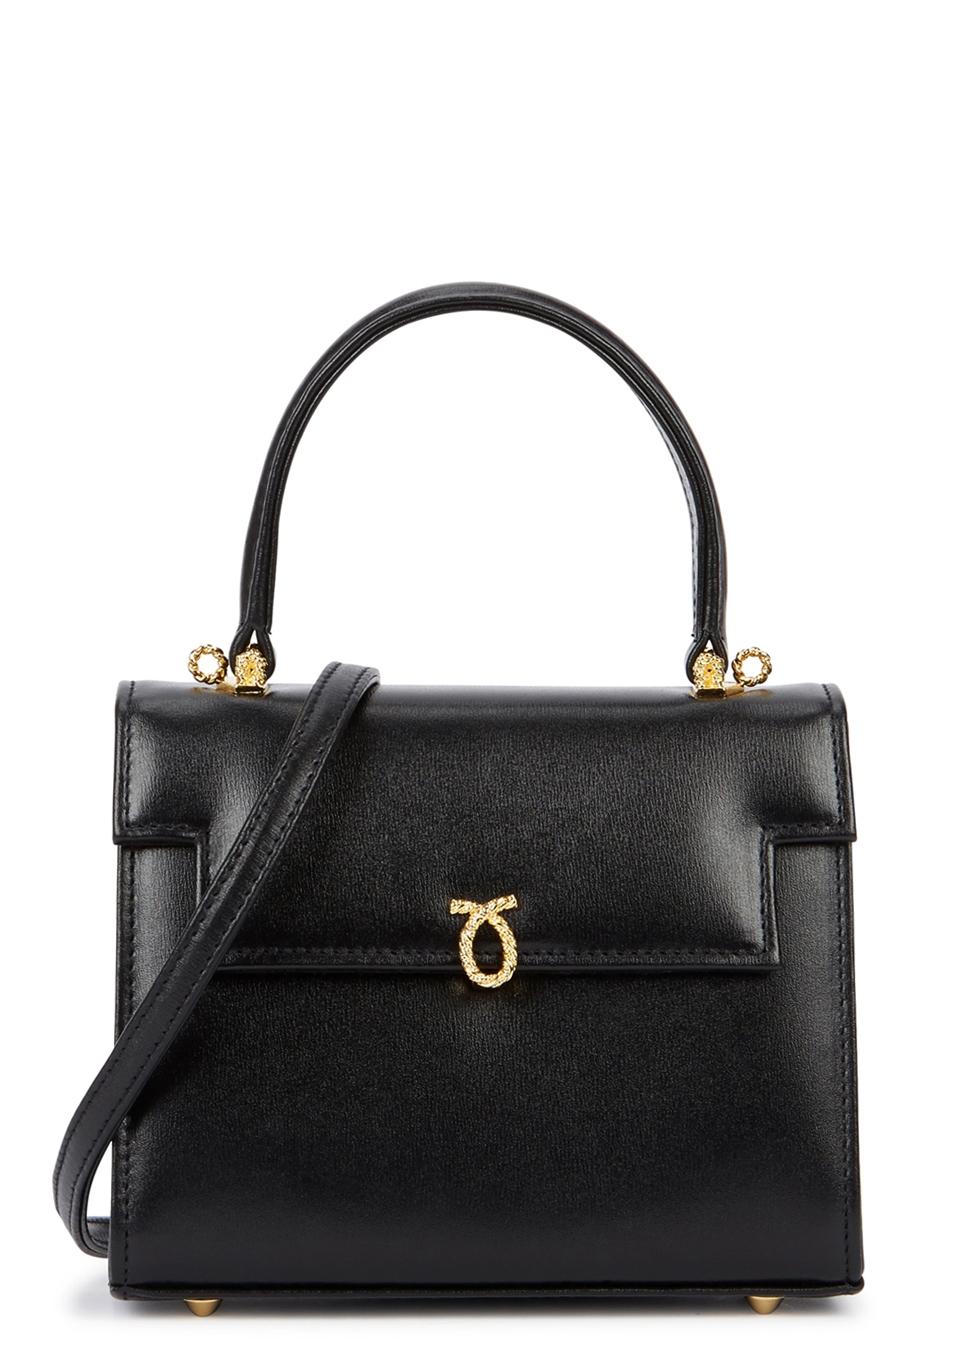 LAUNER Viola Black Leather Shoulder Bag